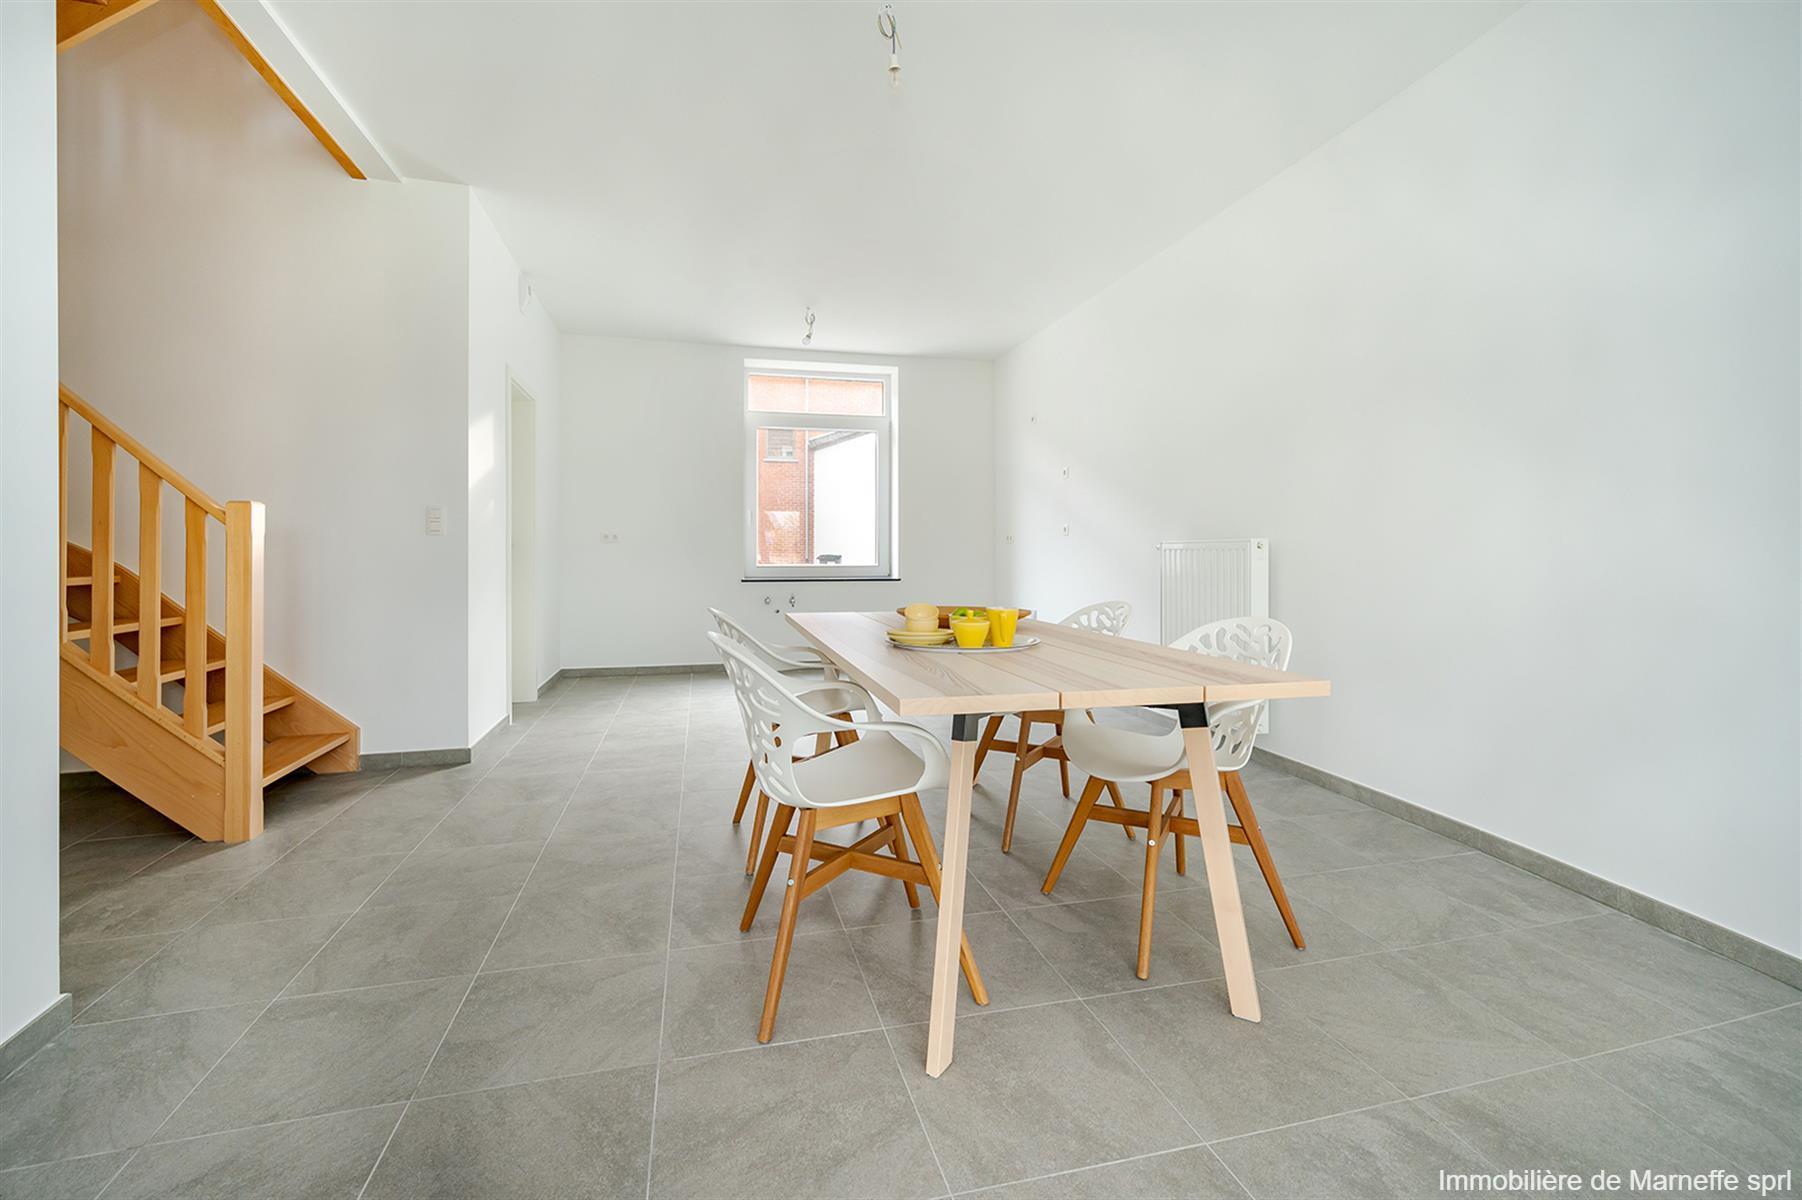 Maison - Grâce-Hollogne Velroux - #4325744-0